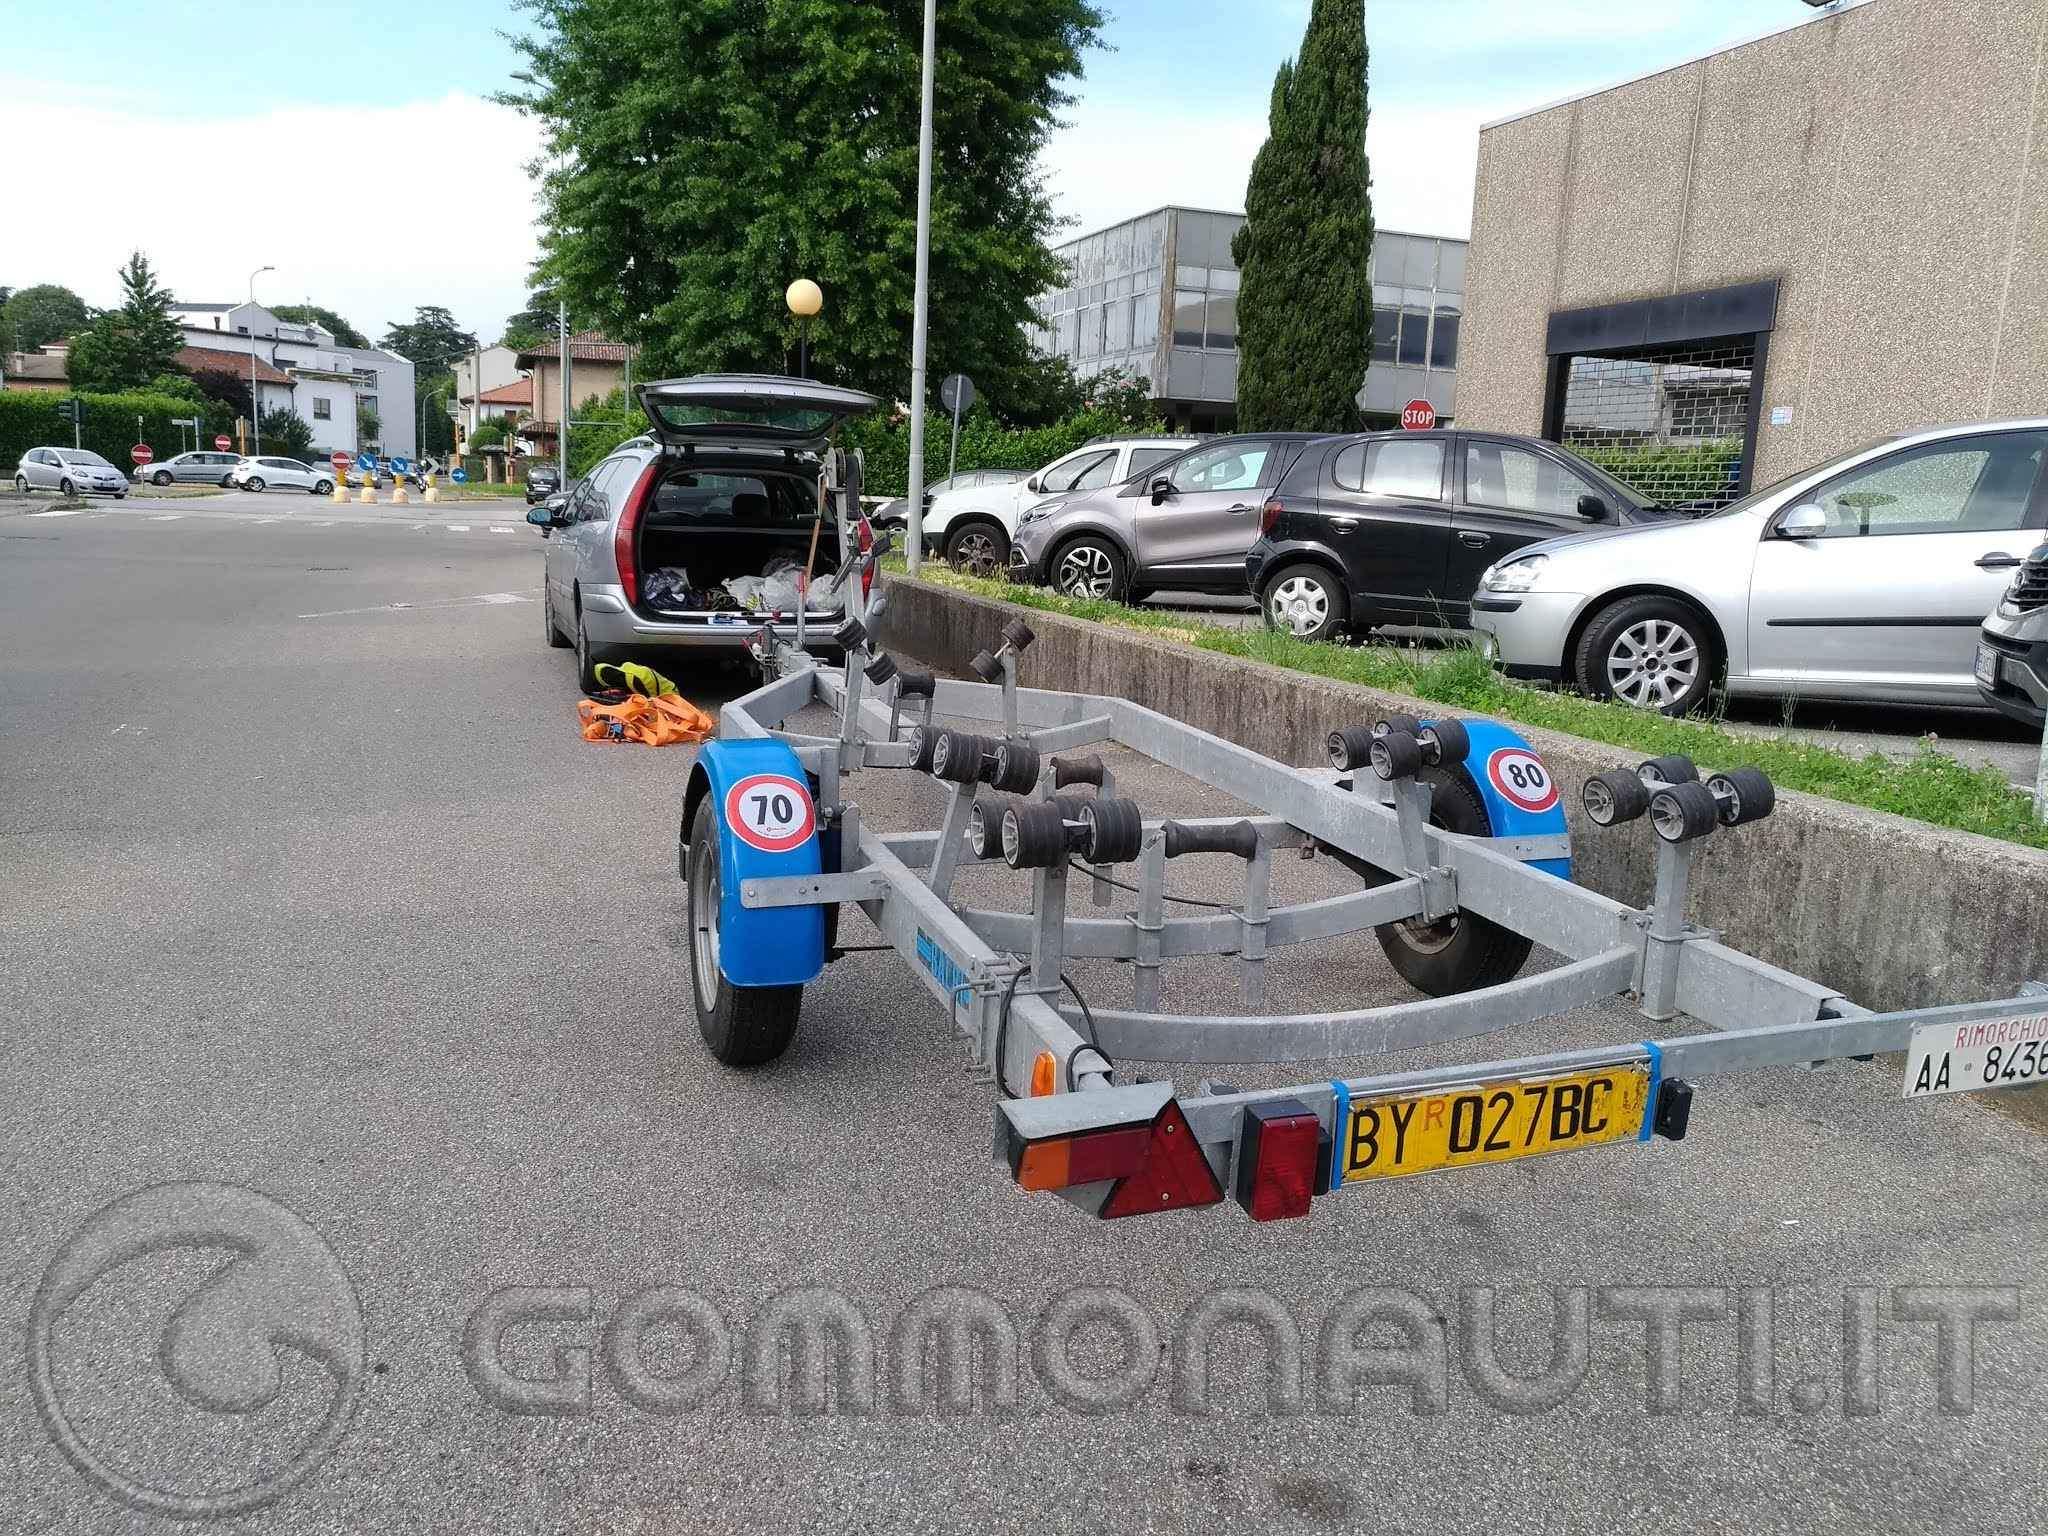 re: Vendo carrello Balbi basculante portata 950kg